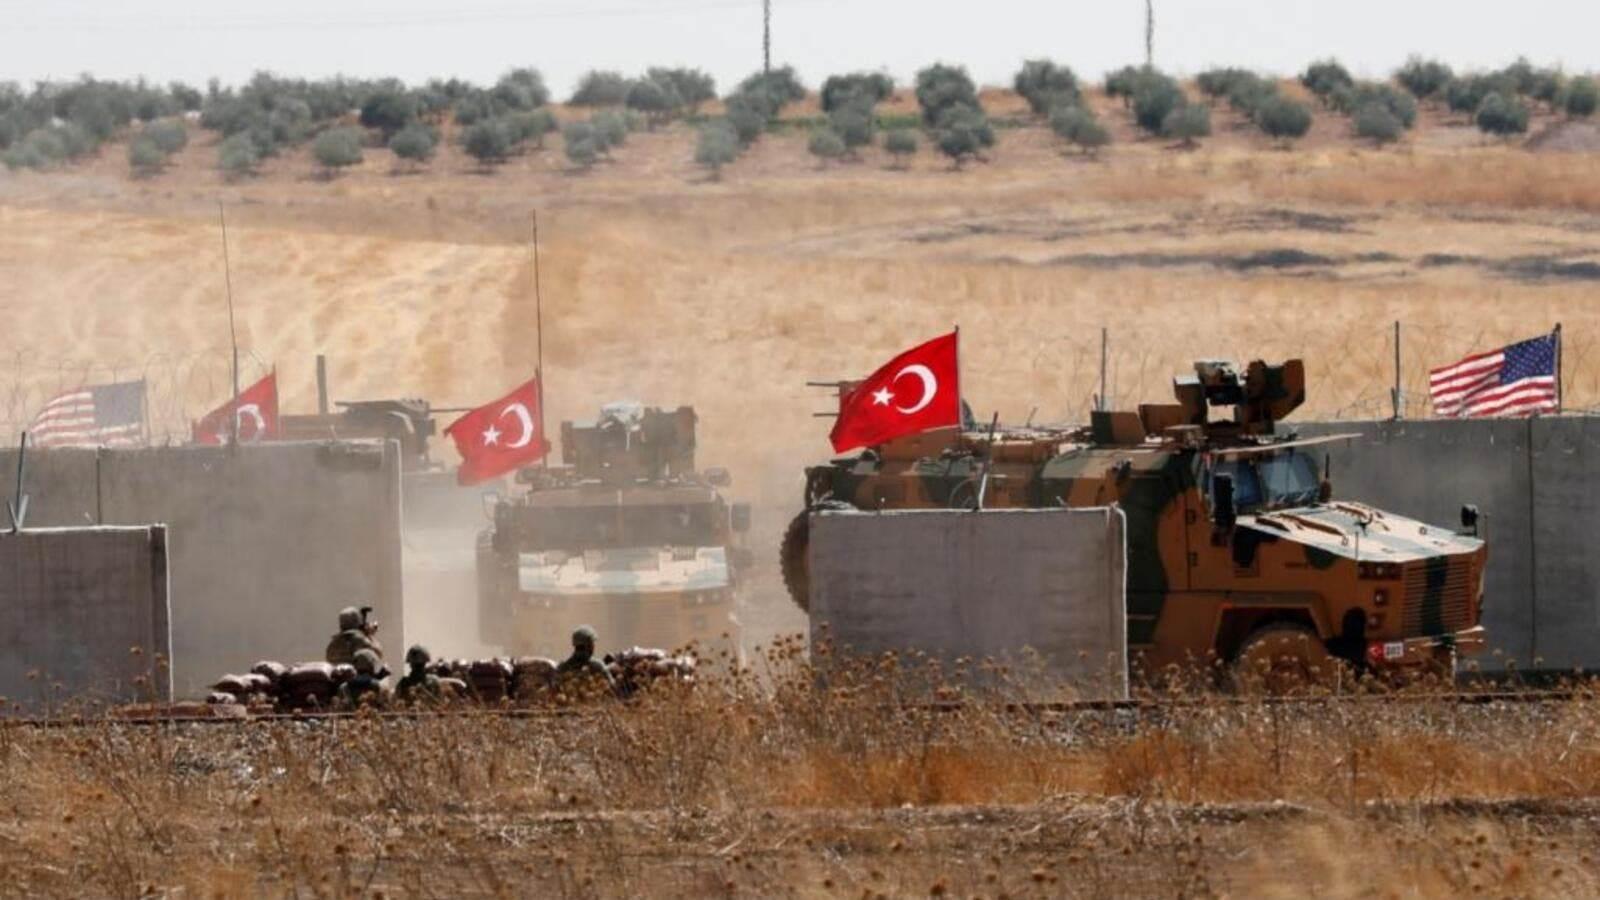 القوات التركية تحرق مساحات واسعة من الحقول الزراعية بريف الحسكة